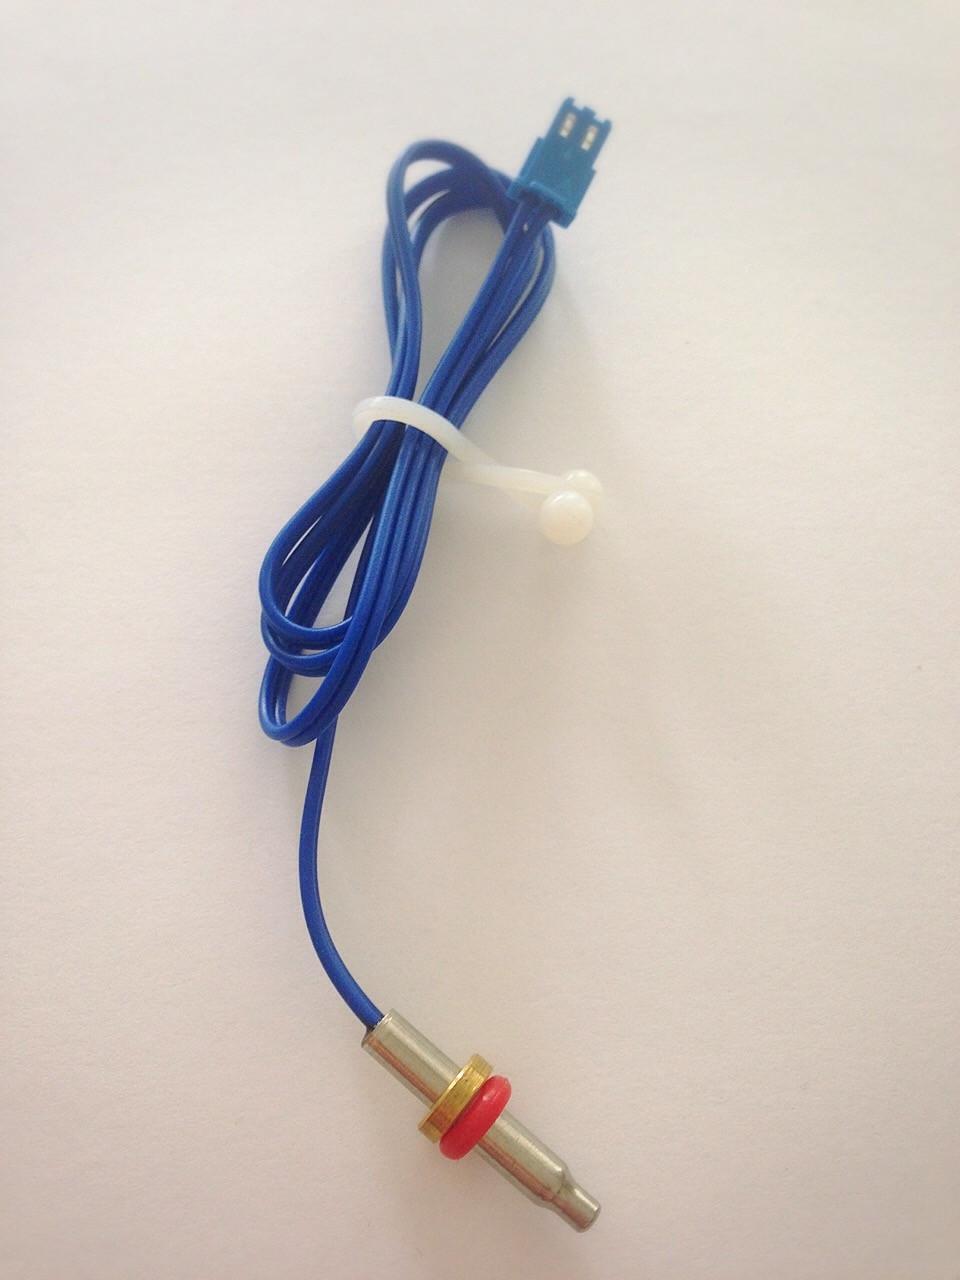 Датчик тяги газового котла принцип работы — как работает датчик перегрева, ионизации и наличия пламени колонки